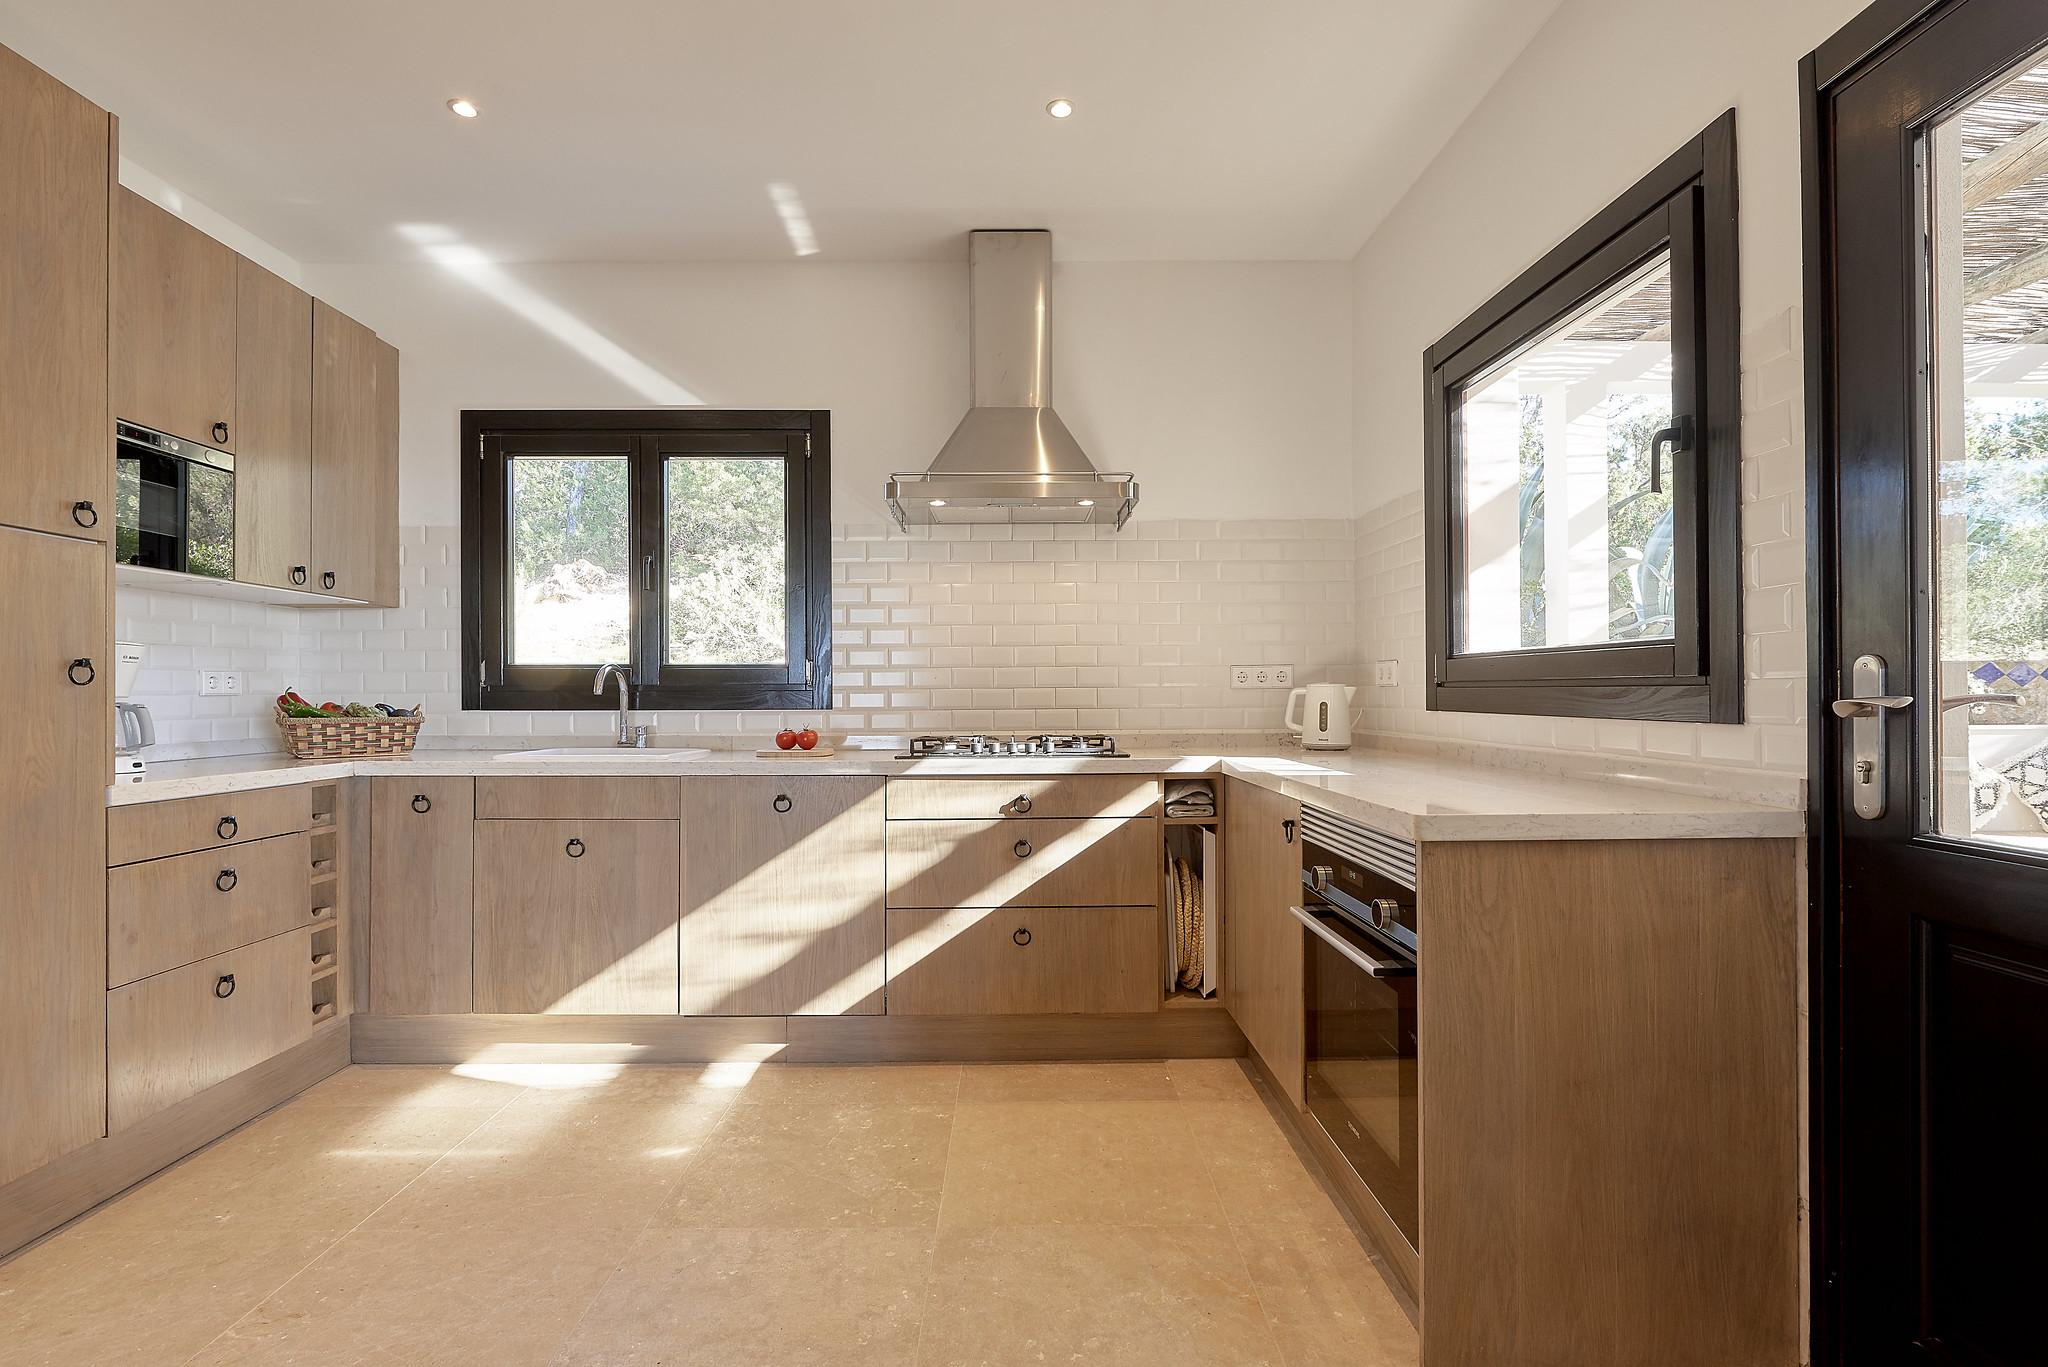 https://www.white-ibiza.com/wp-content/uploads/2020/06/white-ibiza-villas-sa-serra-interior-kitchen.jpg